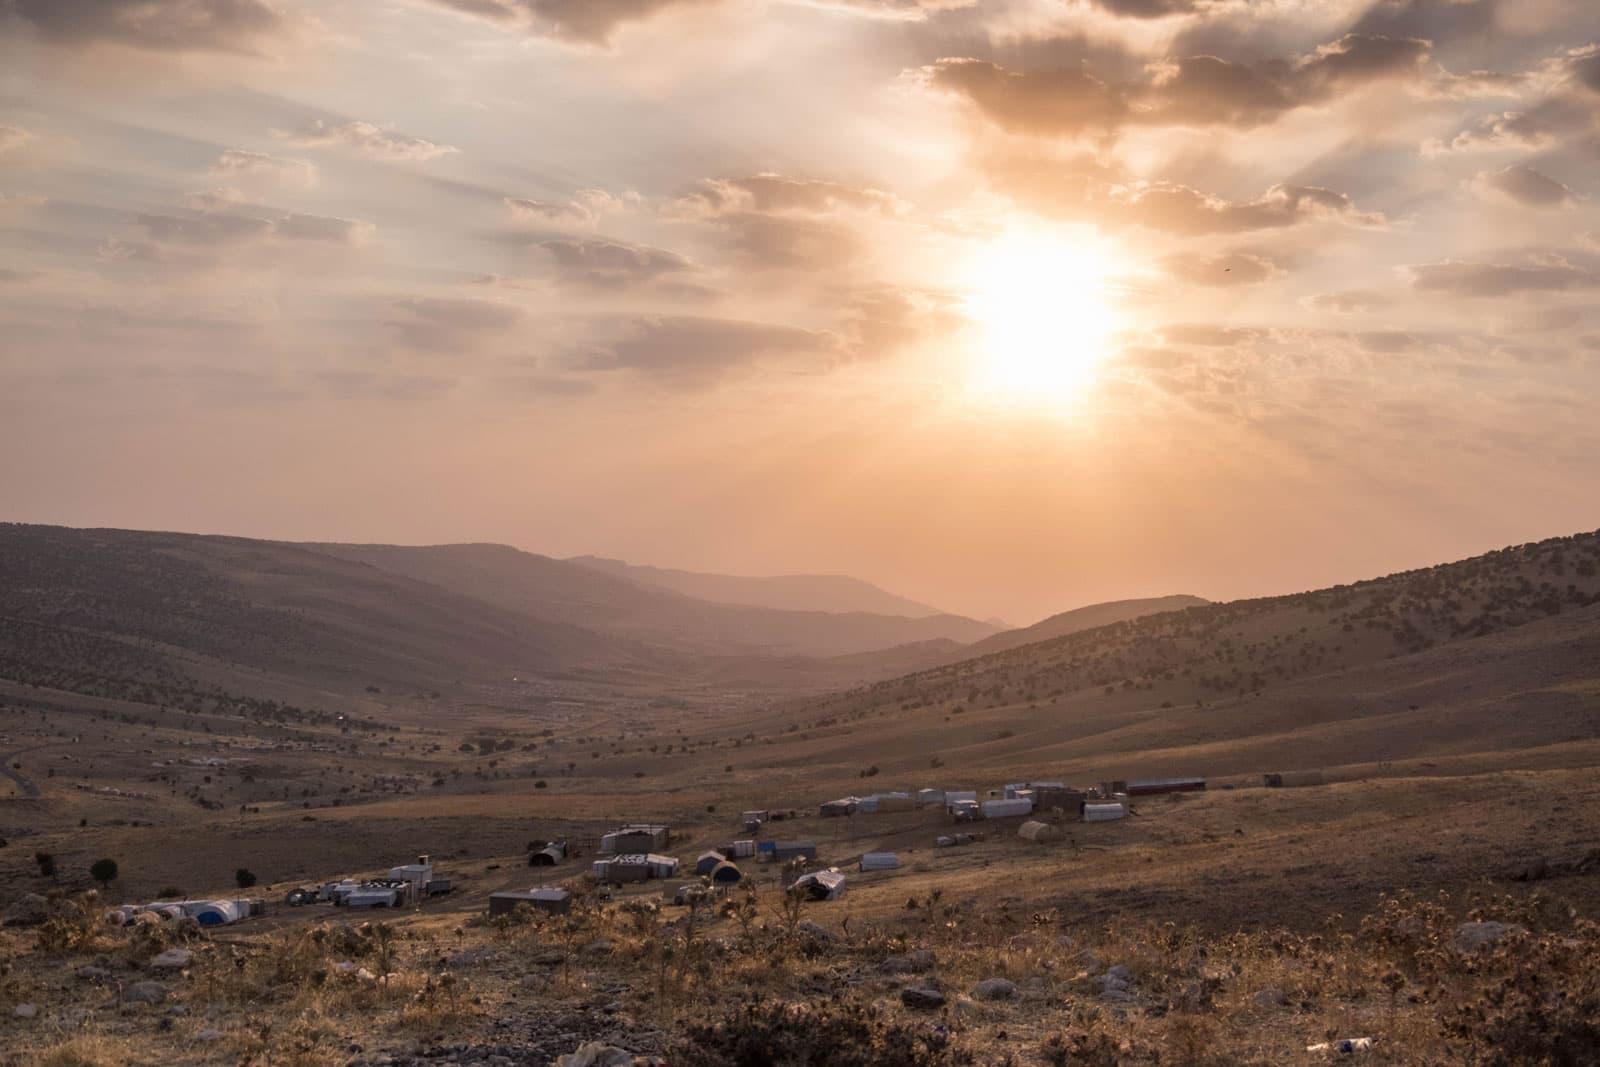 Sunrise in Iraq